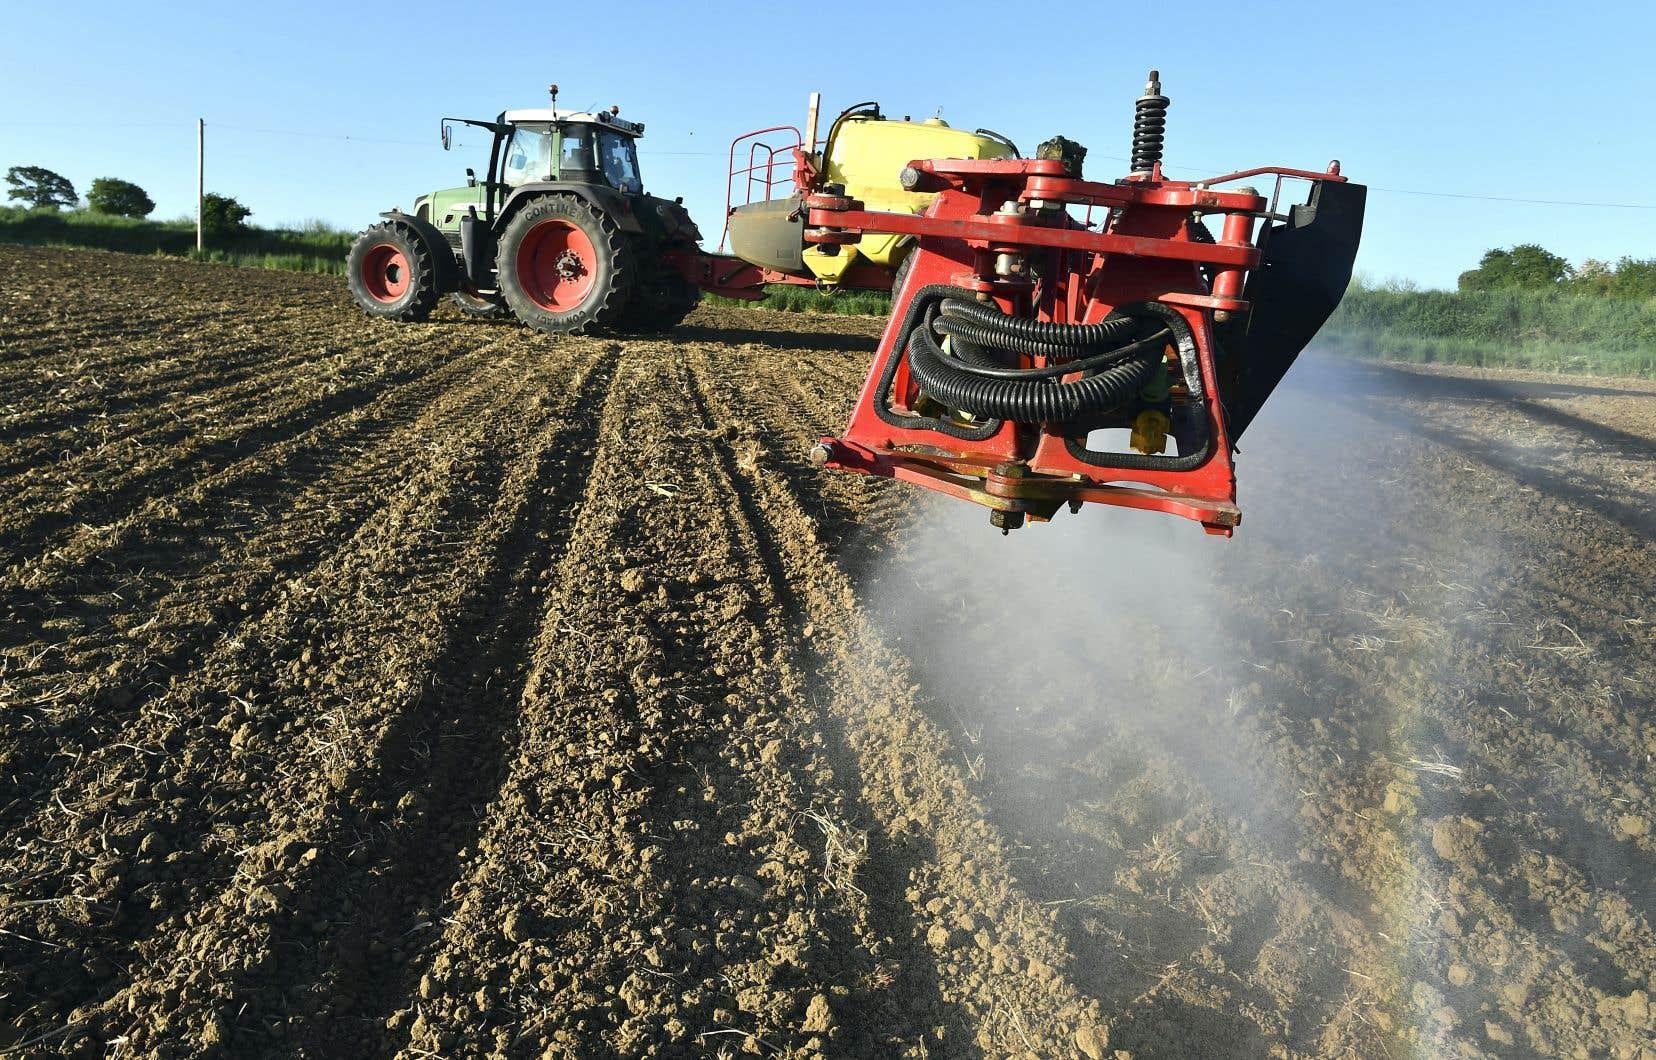 Un agriculteur français pulvérise un herbicide à base de glyphosate sur ses terres.